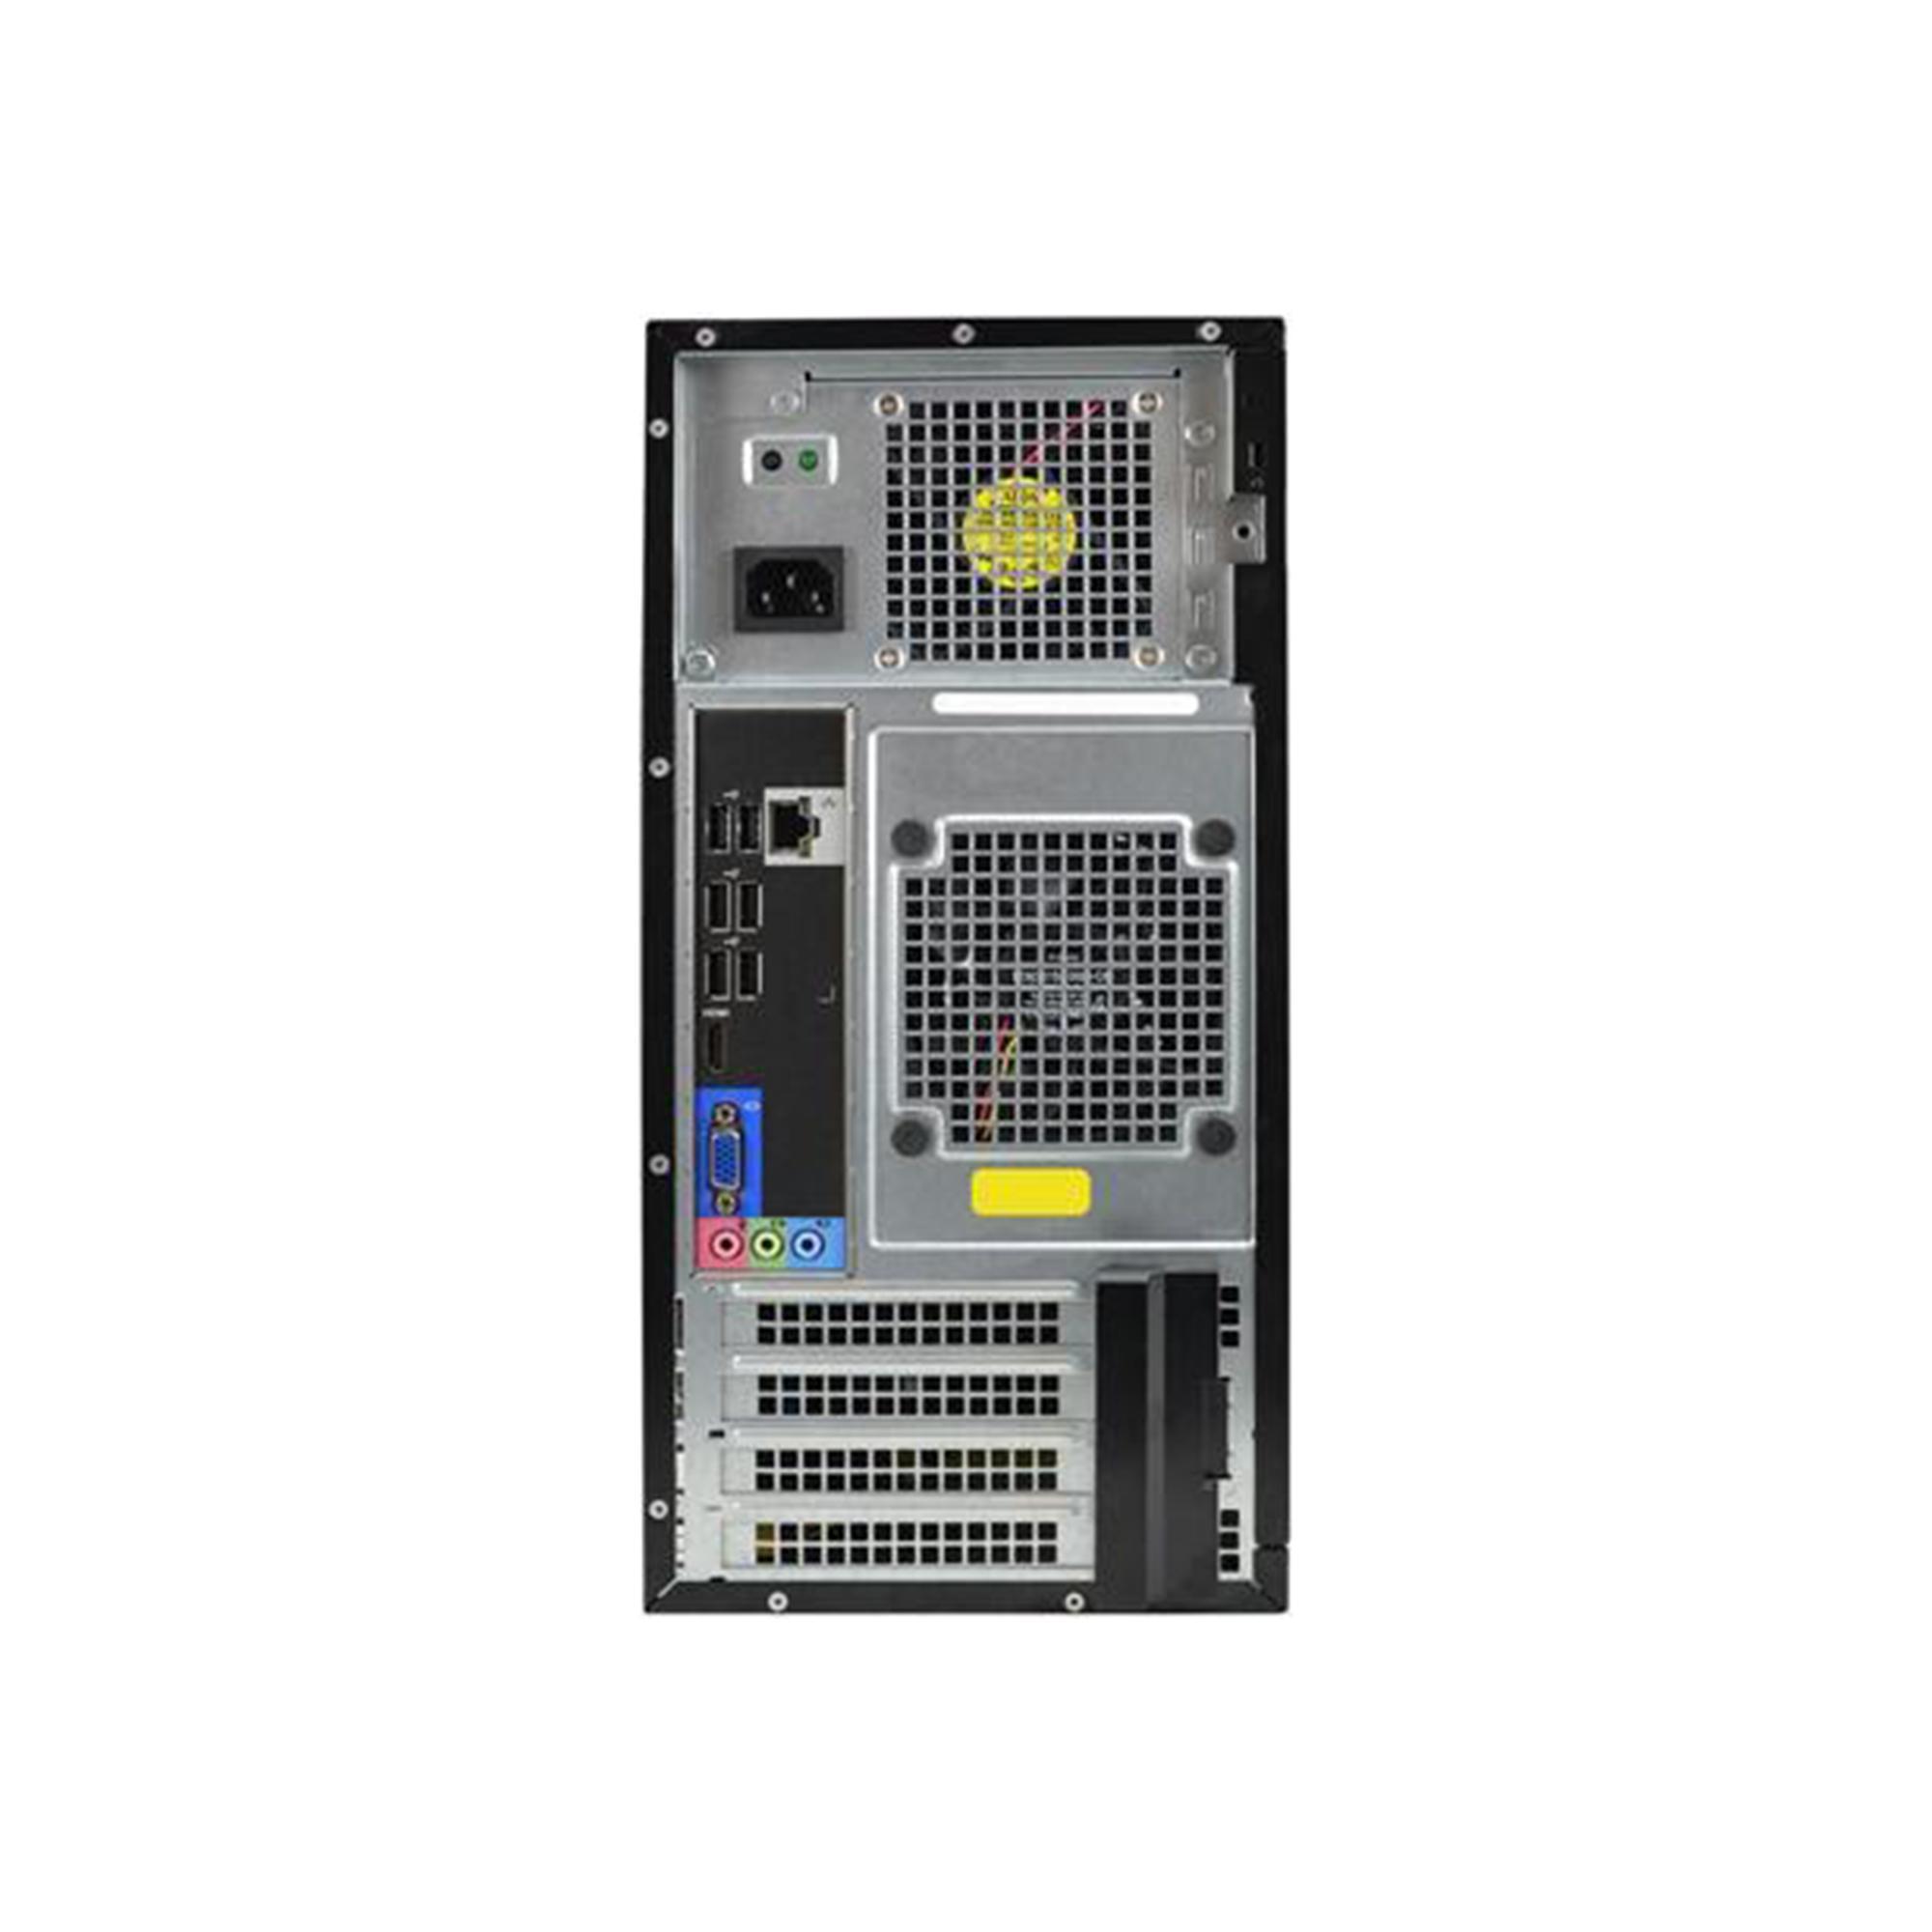 Dell Optiplex 3010 MT Core i5 3.2 GHz - HDD 250 GB RAM 8GB